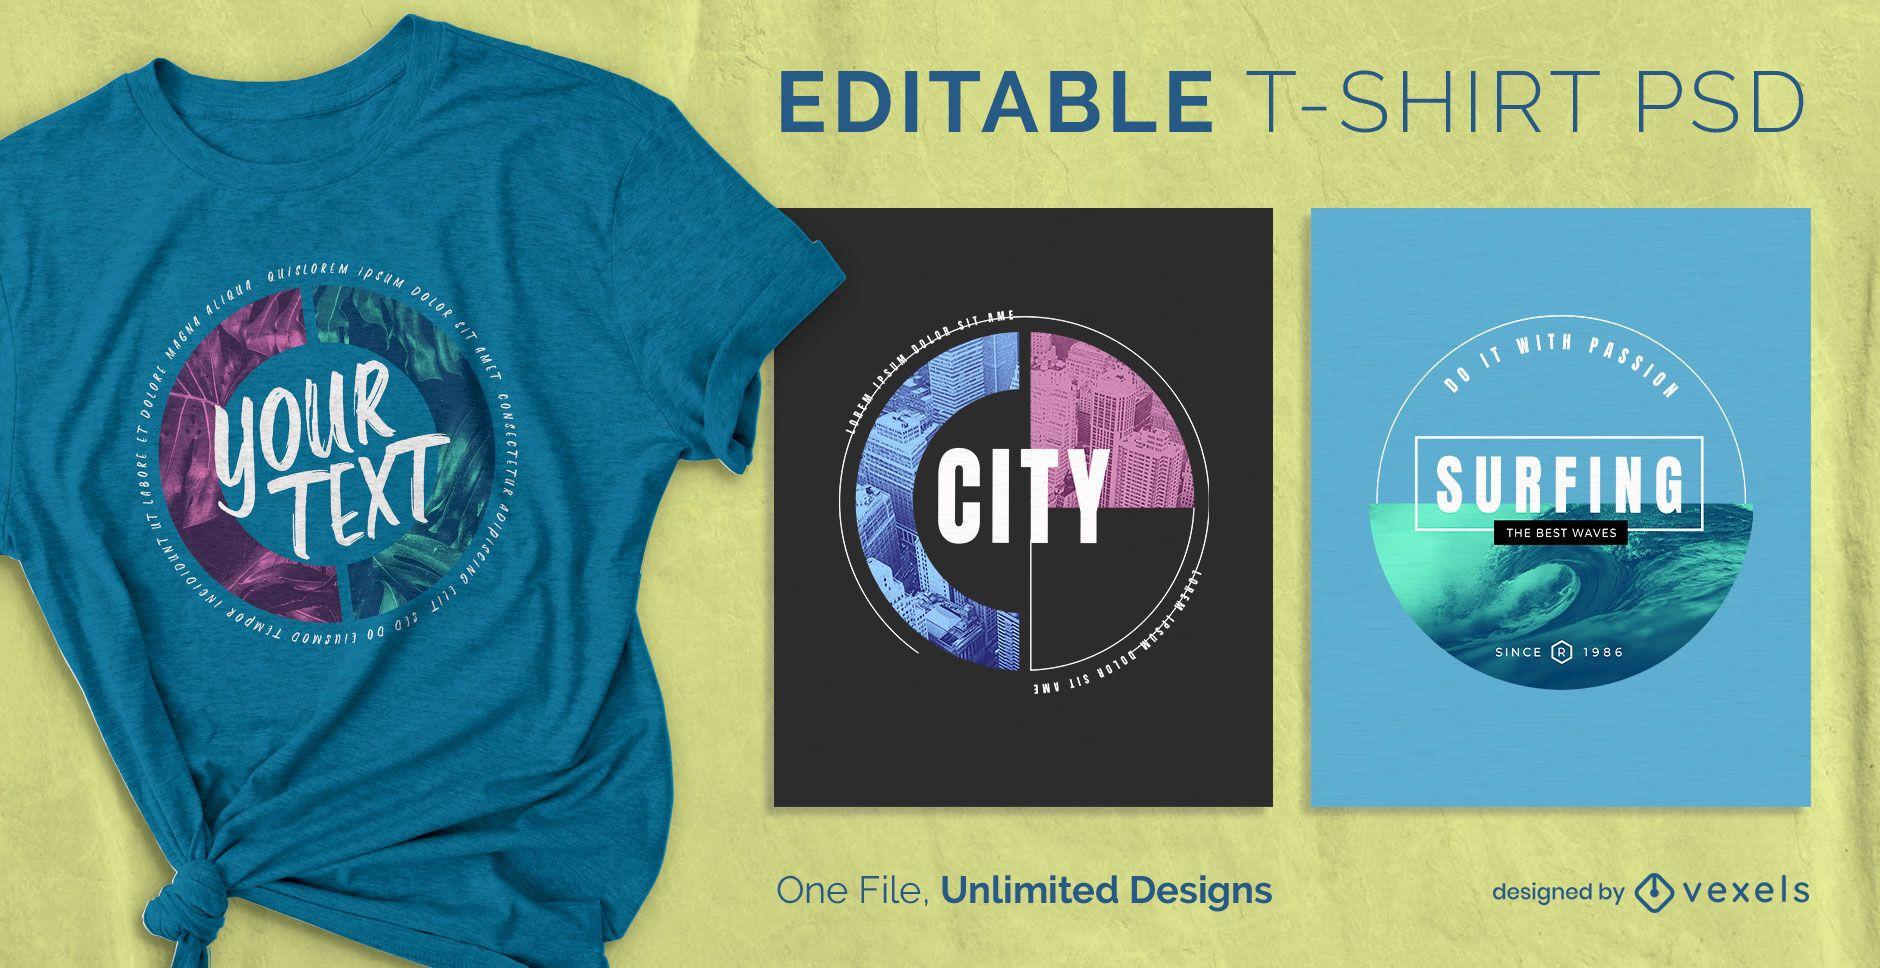 Circle scalable t-shirt psd